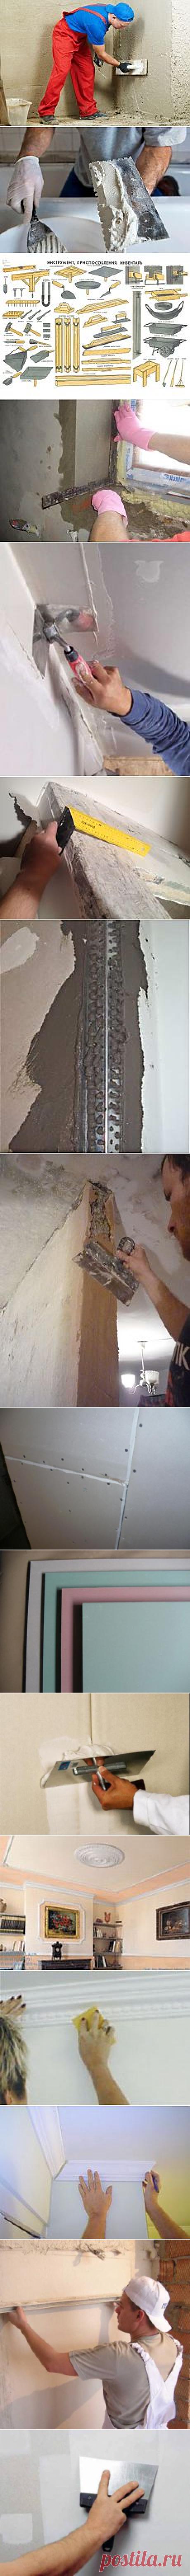 Как затереть швы на гипсокартоне, чтобы их не было видно   школа ремонта   Postila